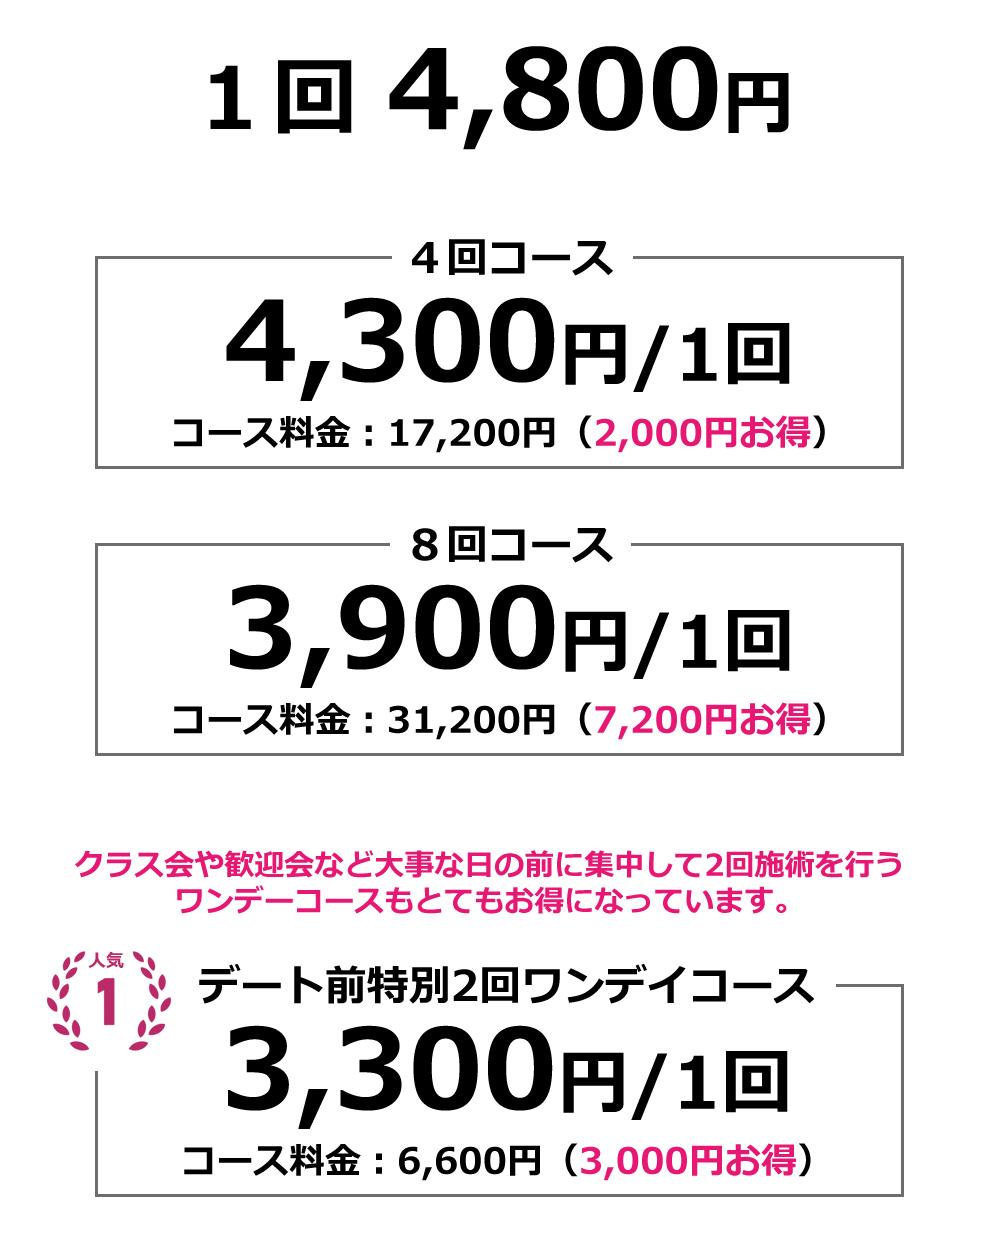 ホワイトニングの料金表